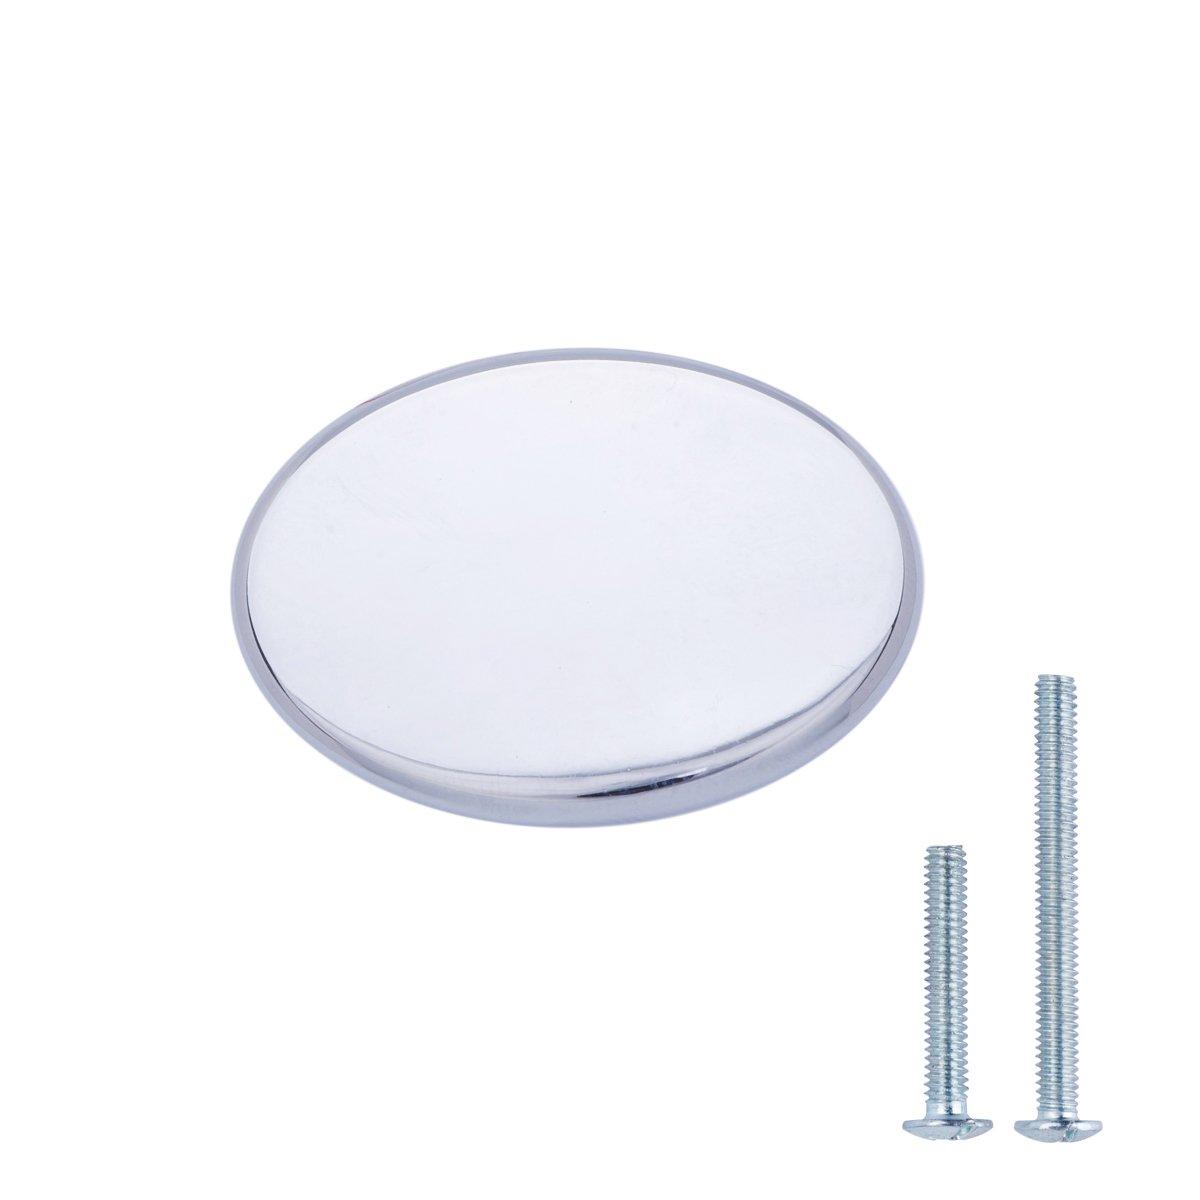 AmazonBasics - Pomolo tondo piatto per mobili, Diametro: 3,66 cm, Nichel satinato, confezione da 10 AB1400-SN-10